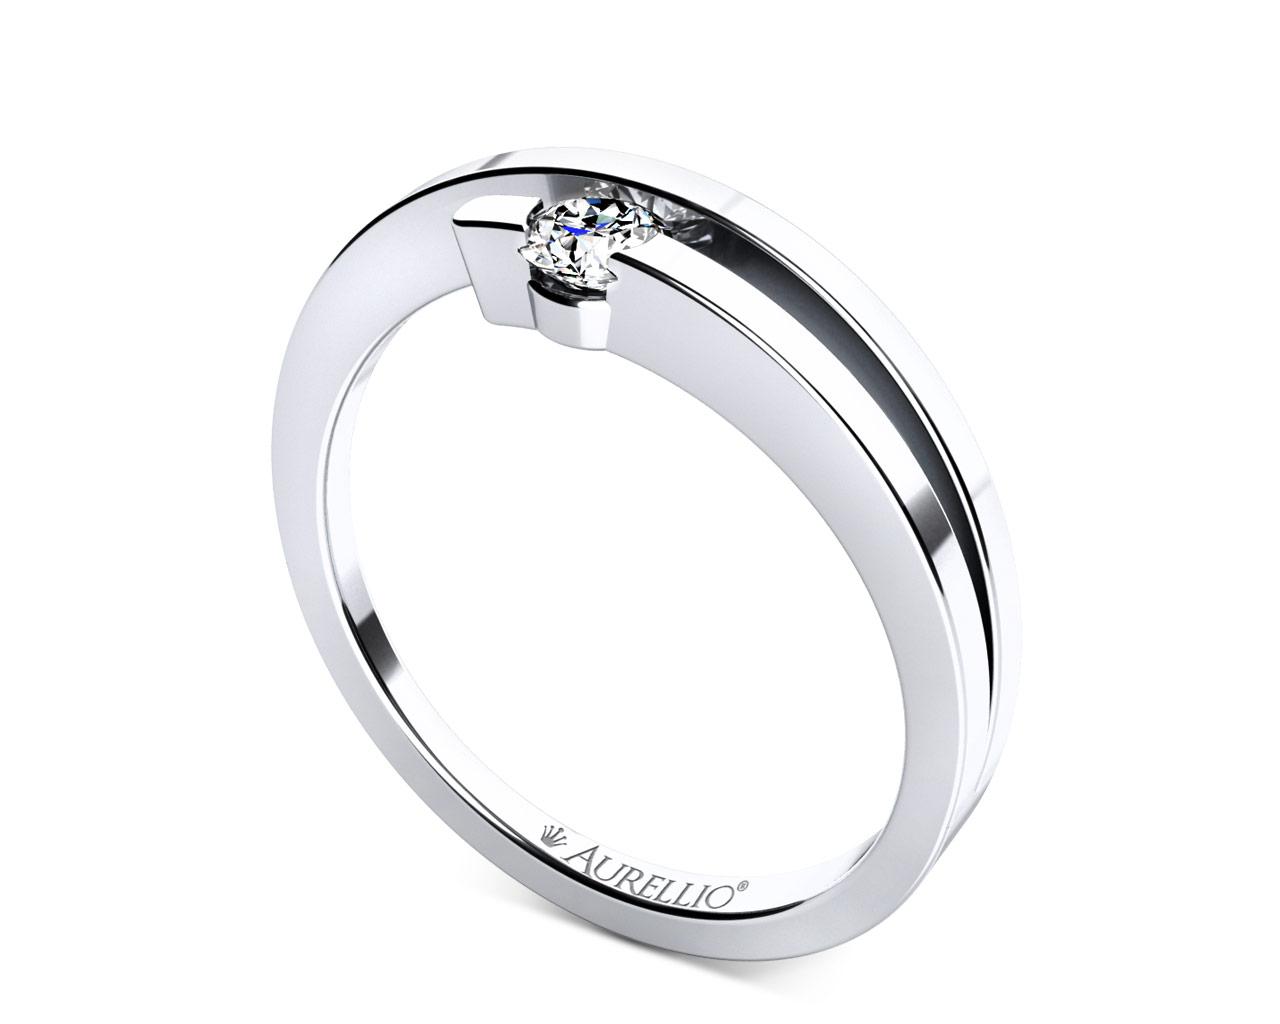 Zásnubní prsten - Souhvězdí Střelec 1. fotka